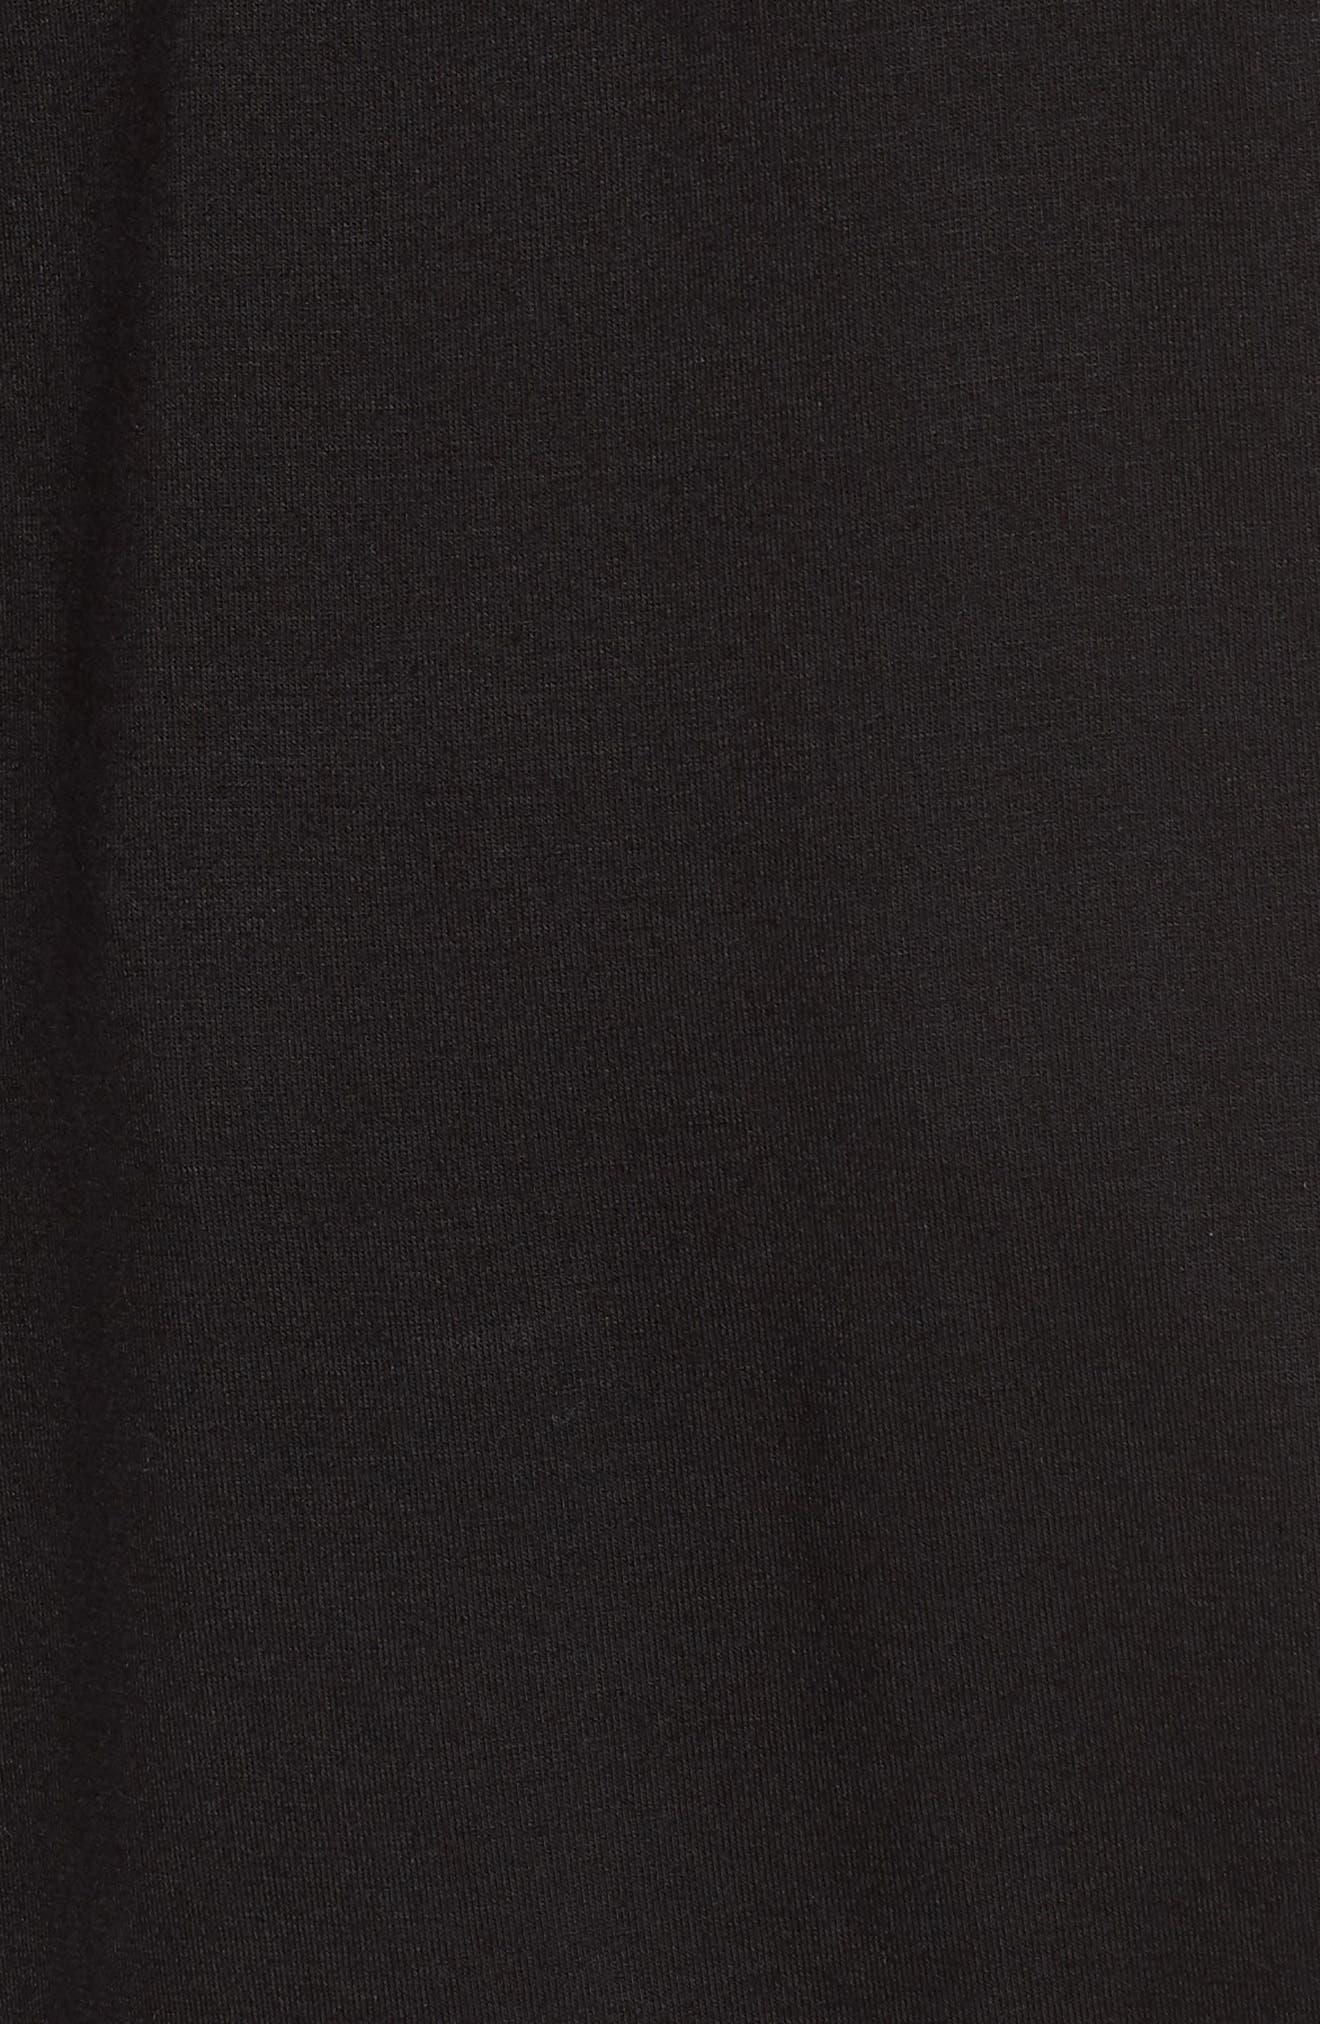 Drape Knit Tank,                             Alternate thumbnail 6, color,                             001